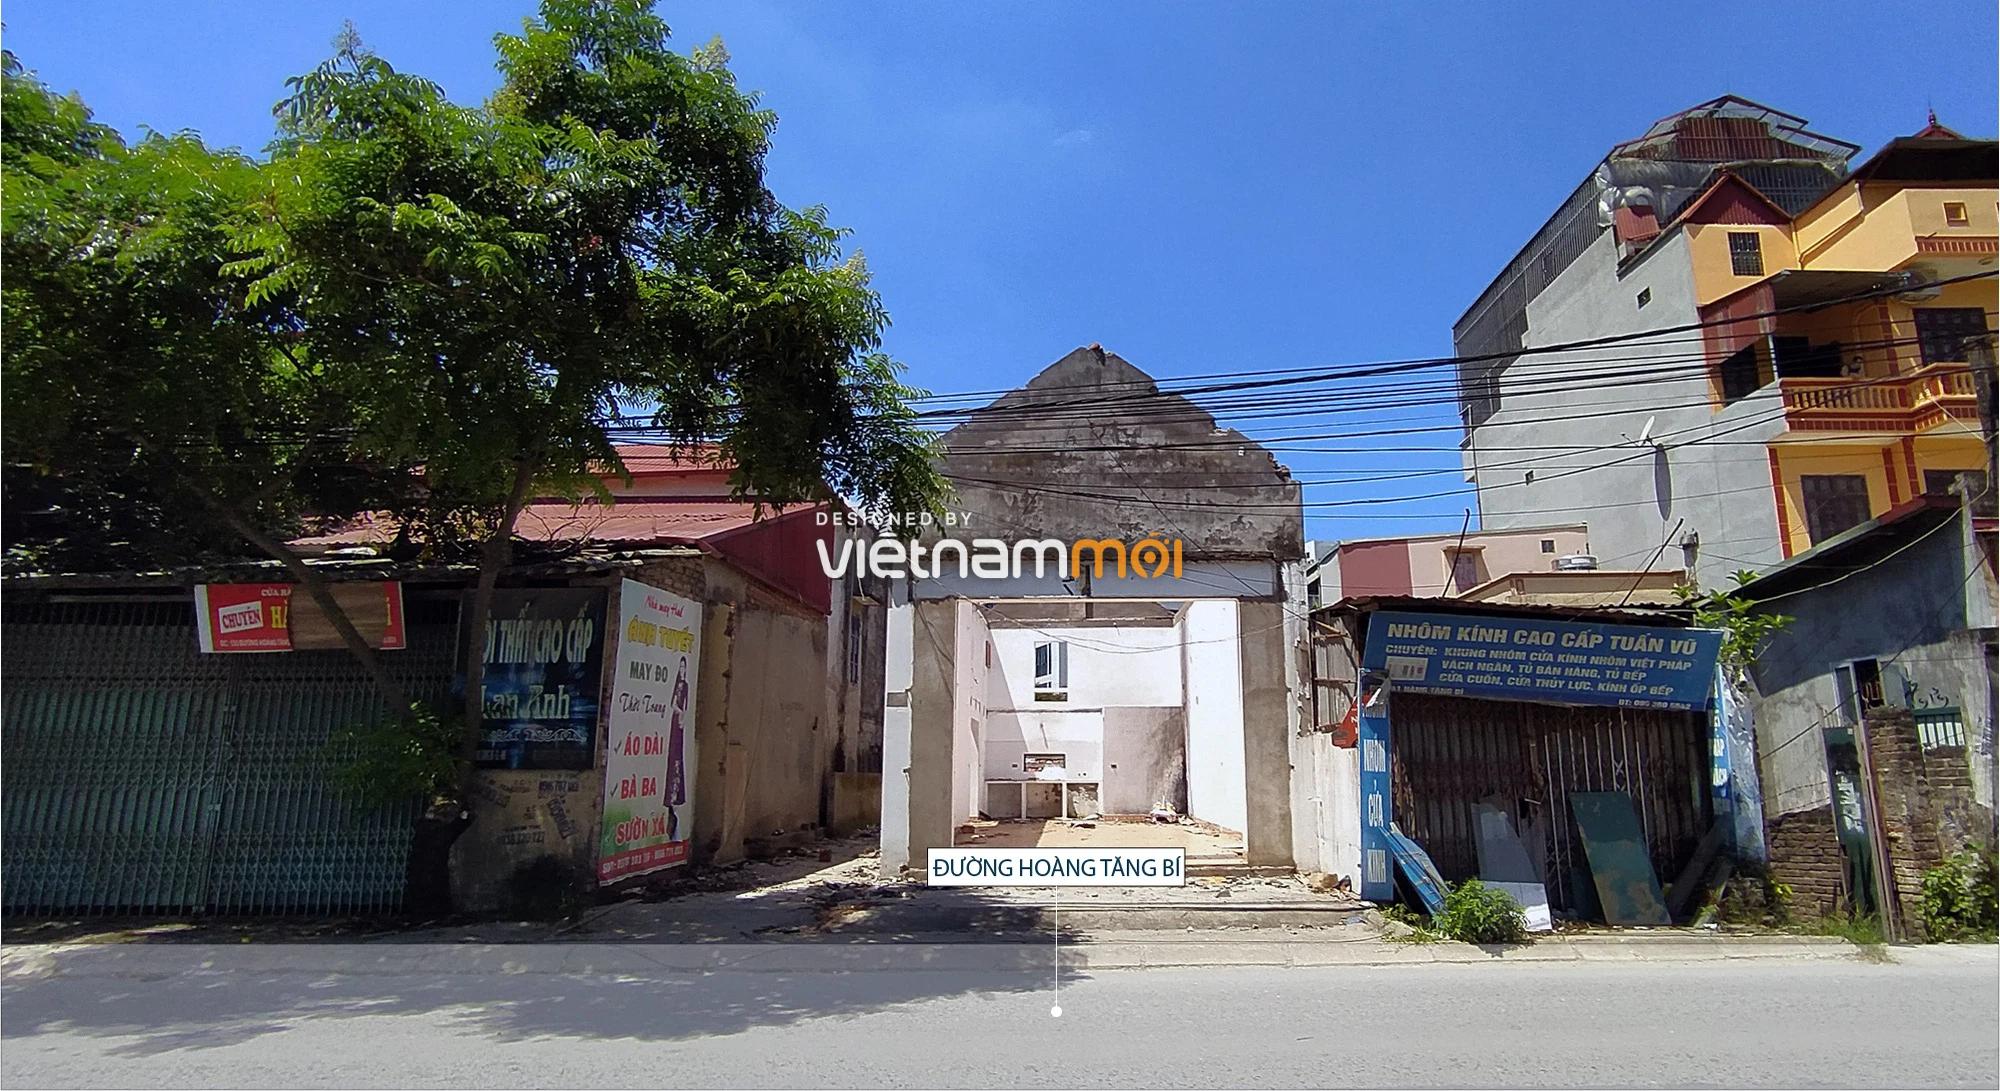 Toàn cảnh tuyến đường nối Hoàng Tăng Bí - Phố Viên đang mở theo quy hoạch ở Hà Nội - Ảnh 4.